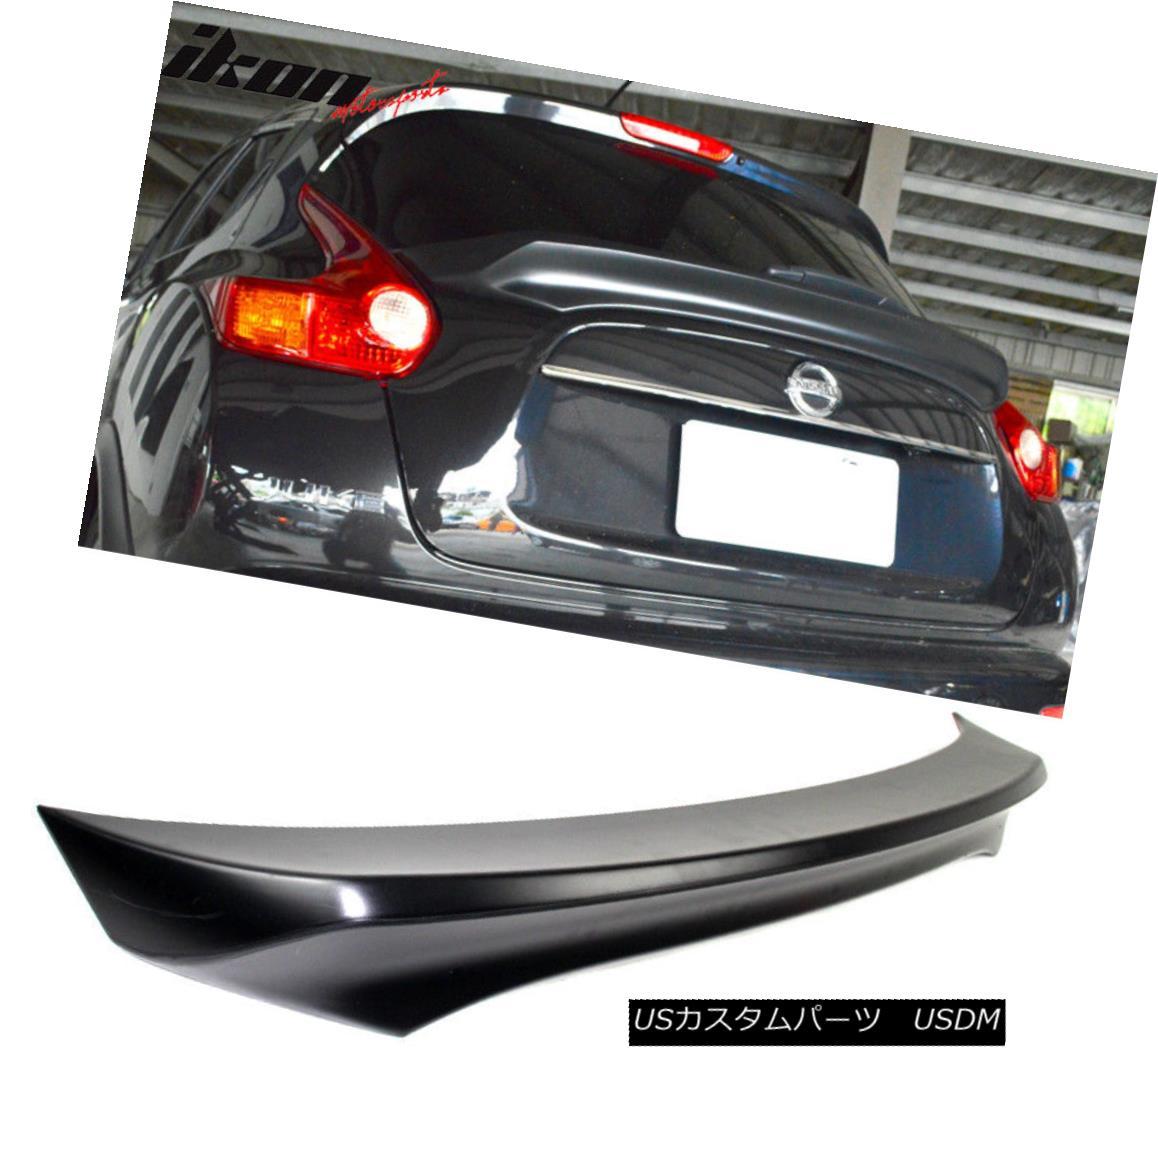 エアロパーツ Fits 15-17 Nissan Juke IKON Style Unpainted Trunk Spoiler Wing - ABS フィット15-17日産ジュークIKONスタイル無塗装トランクスポイラーウィング - ABS